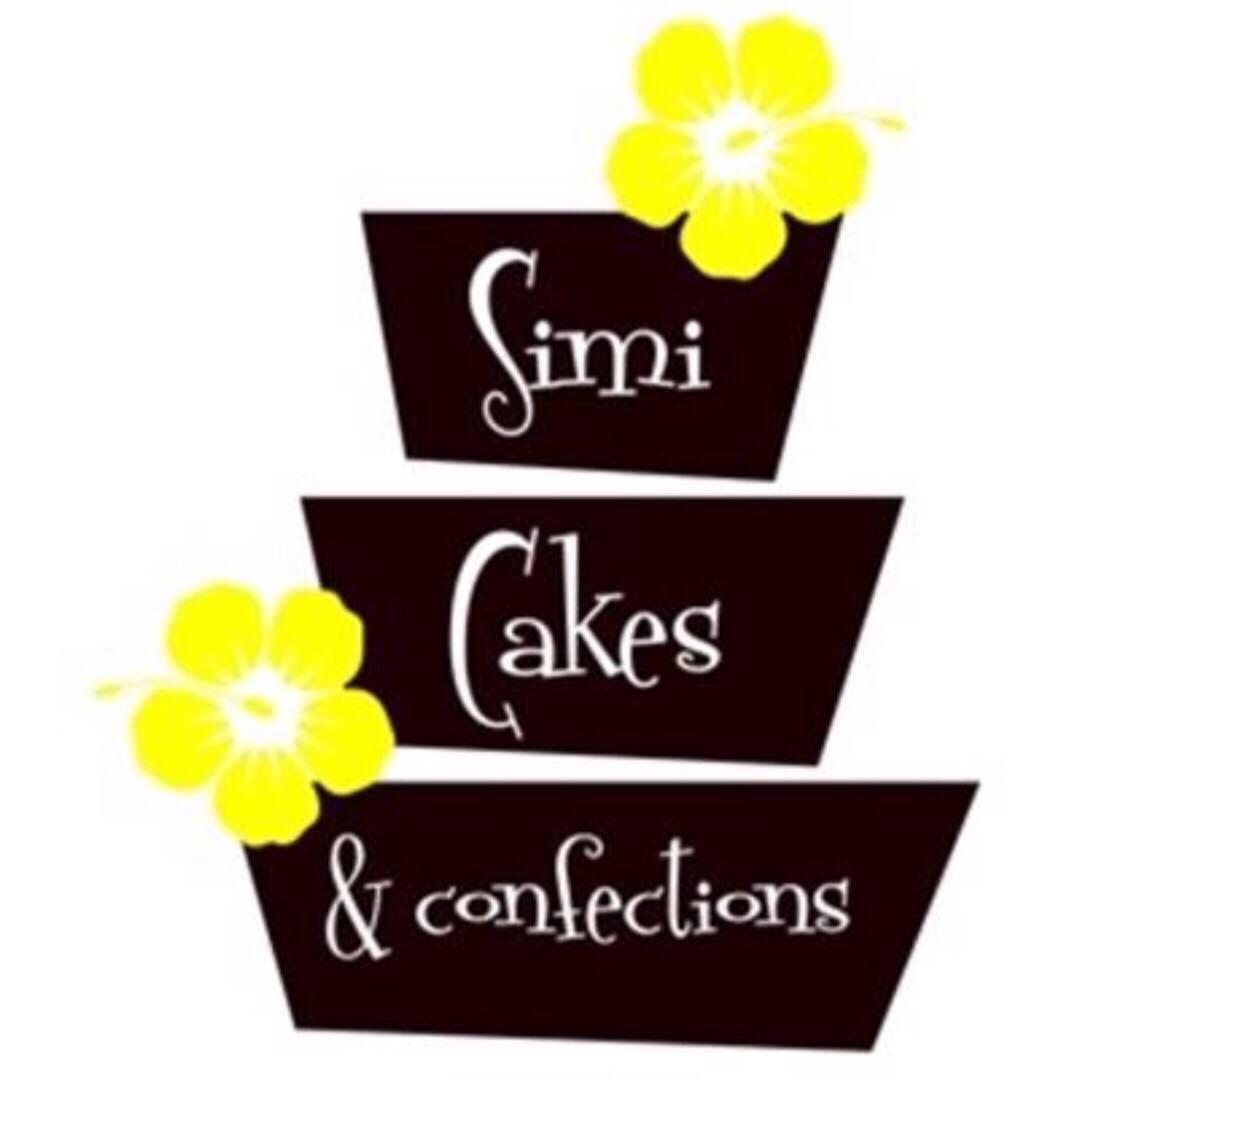 Simi Cakes